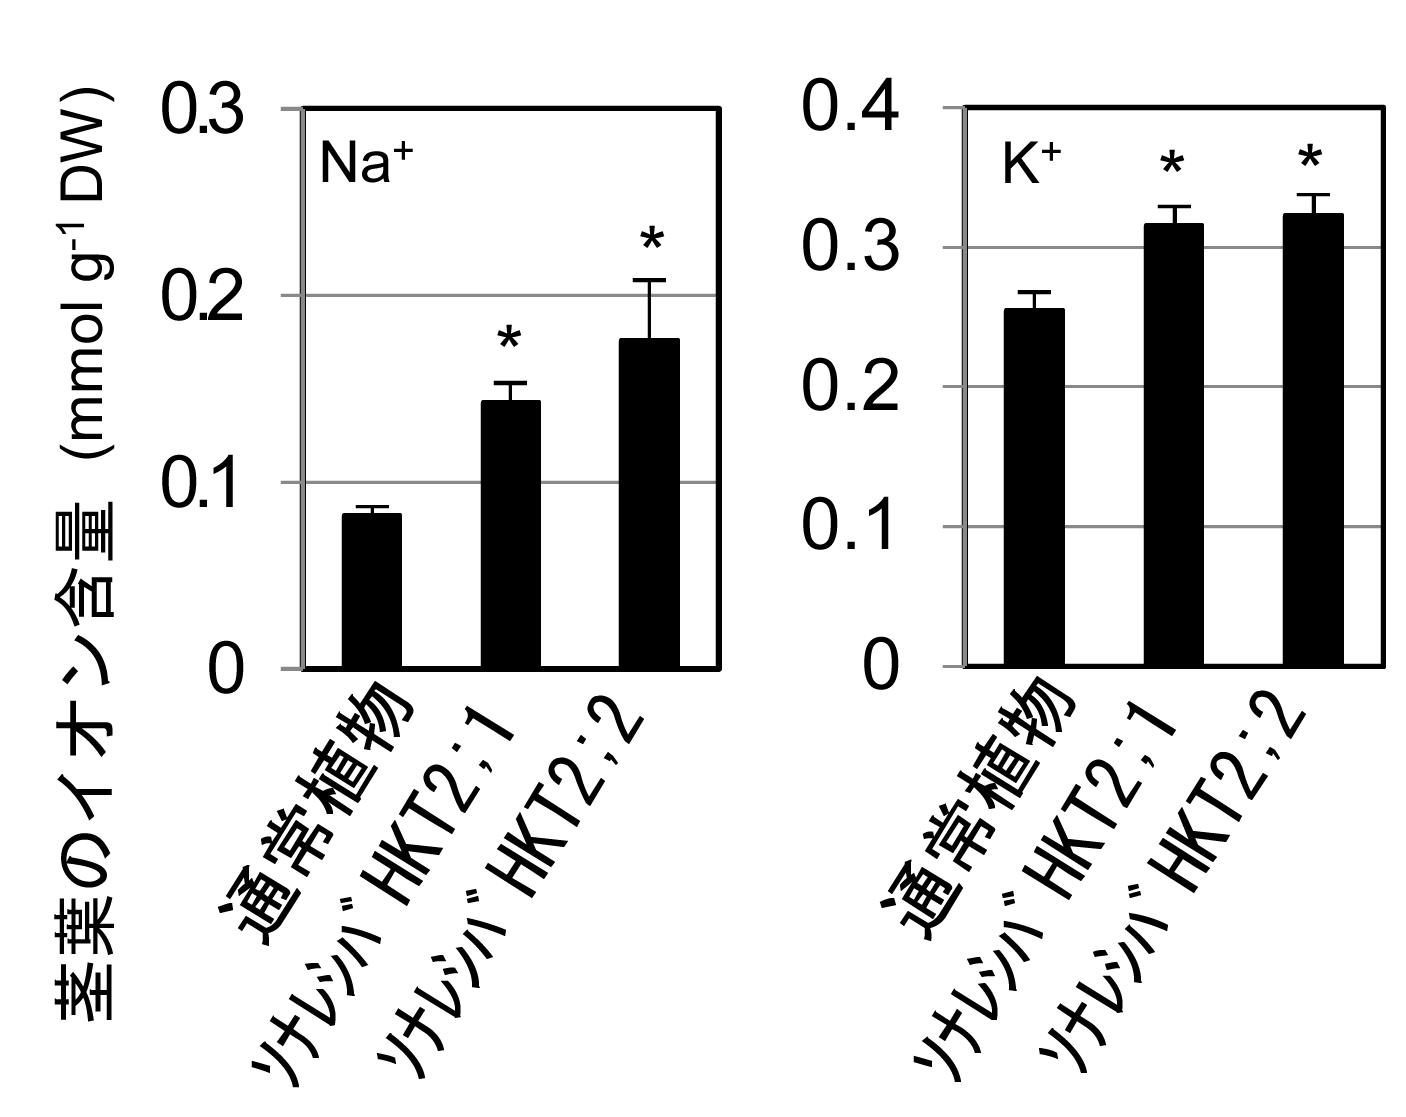 植物の耐塩性メカニズムに重要な役割を果たすタンパク質を発見。低カリウム条件での農業などに応用の期待。東京工科大学応用生物学部